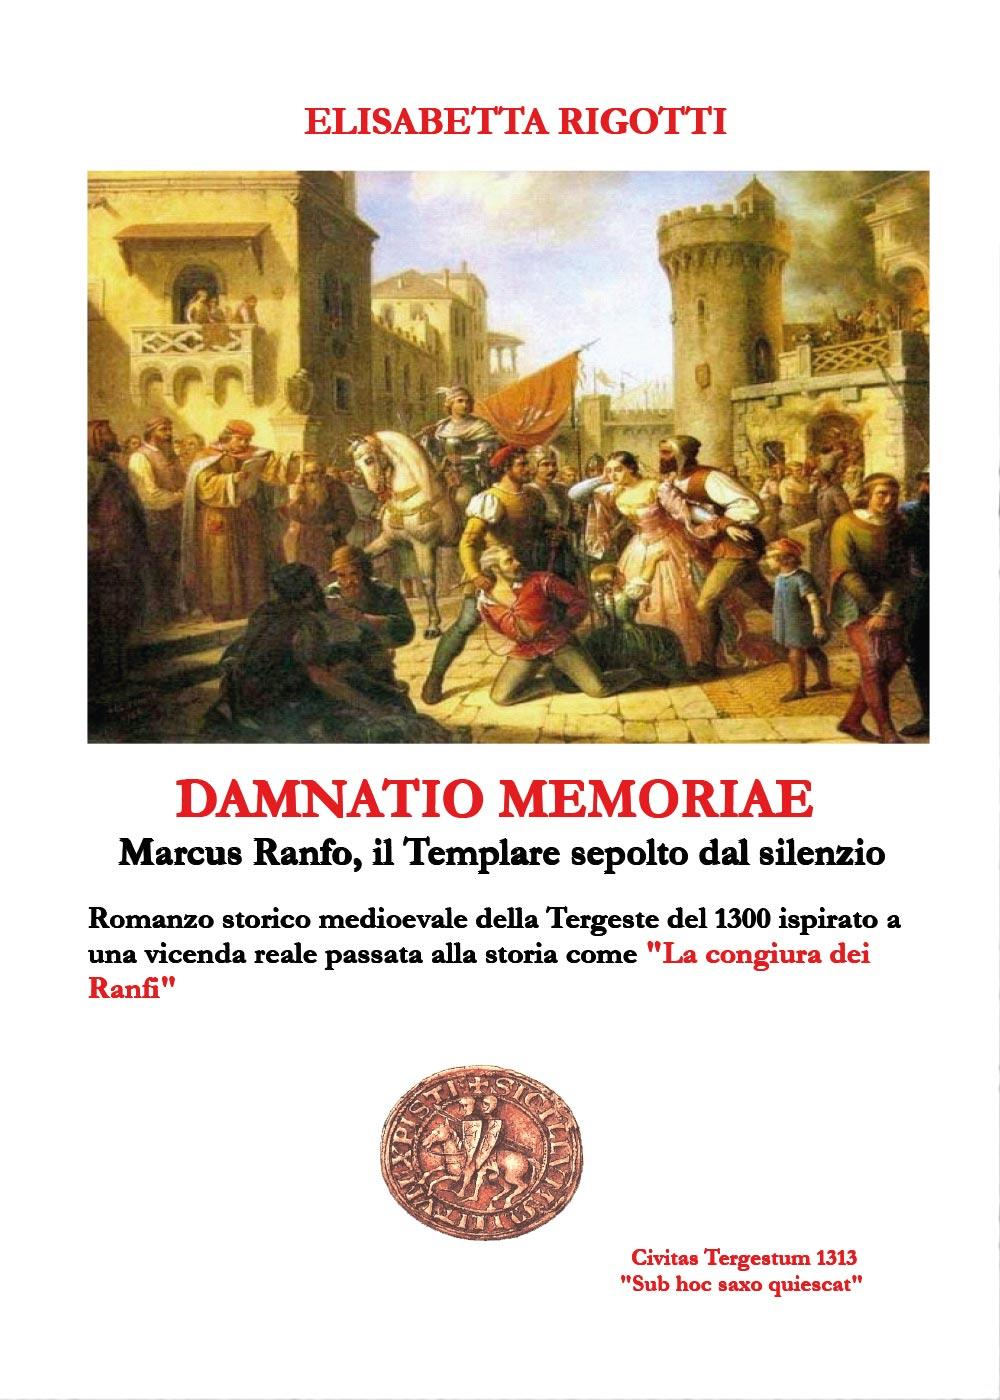 Damnatio memoriae - Marcus Ranfo, il Templare sepolto dal silenzio